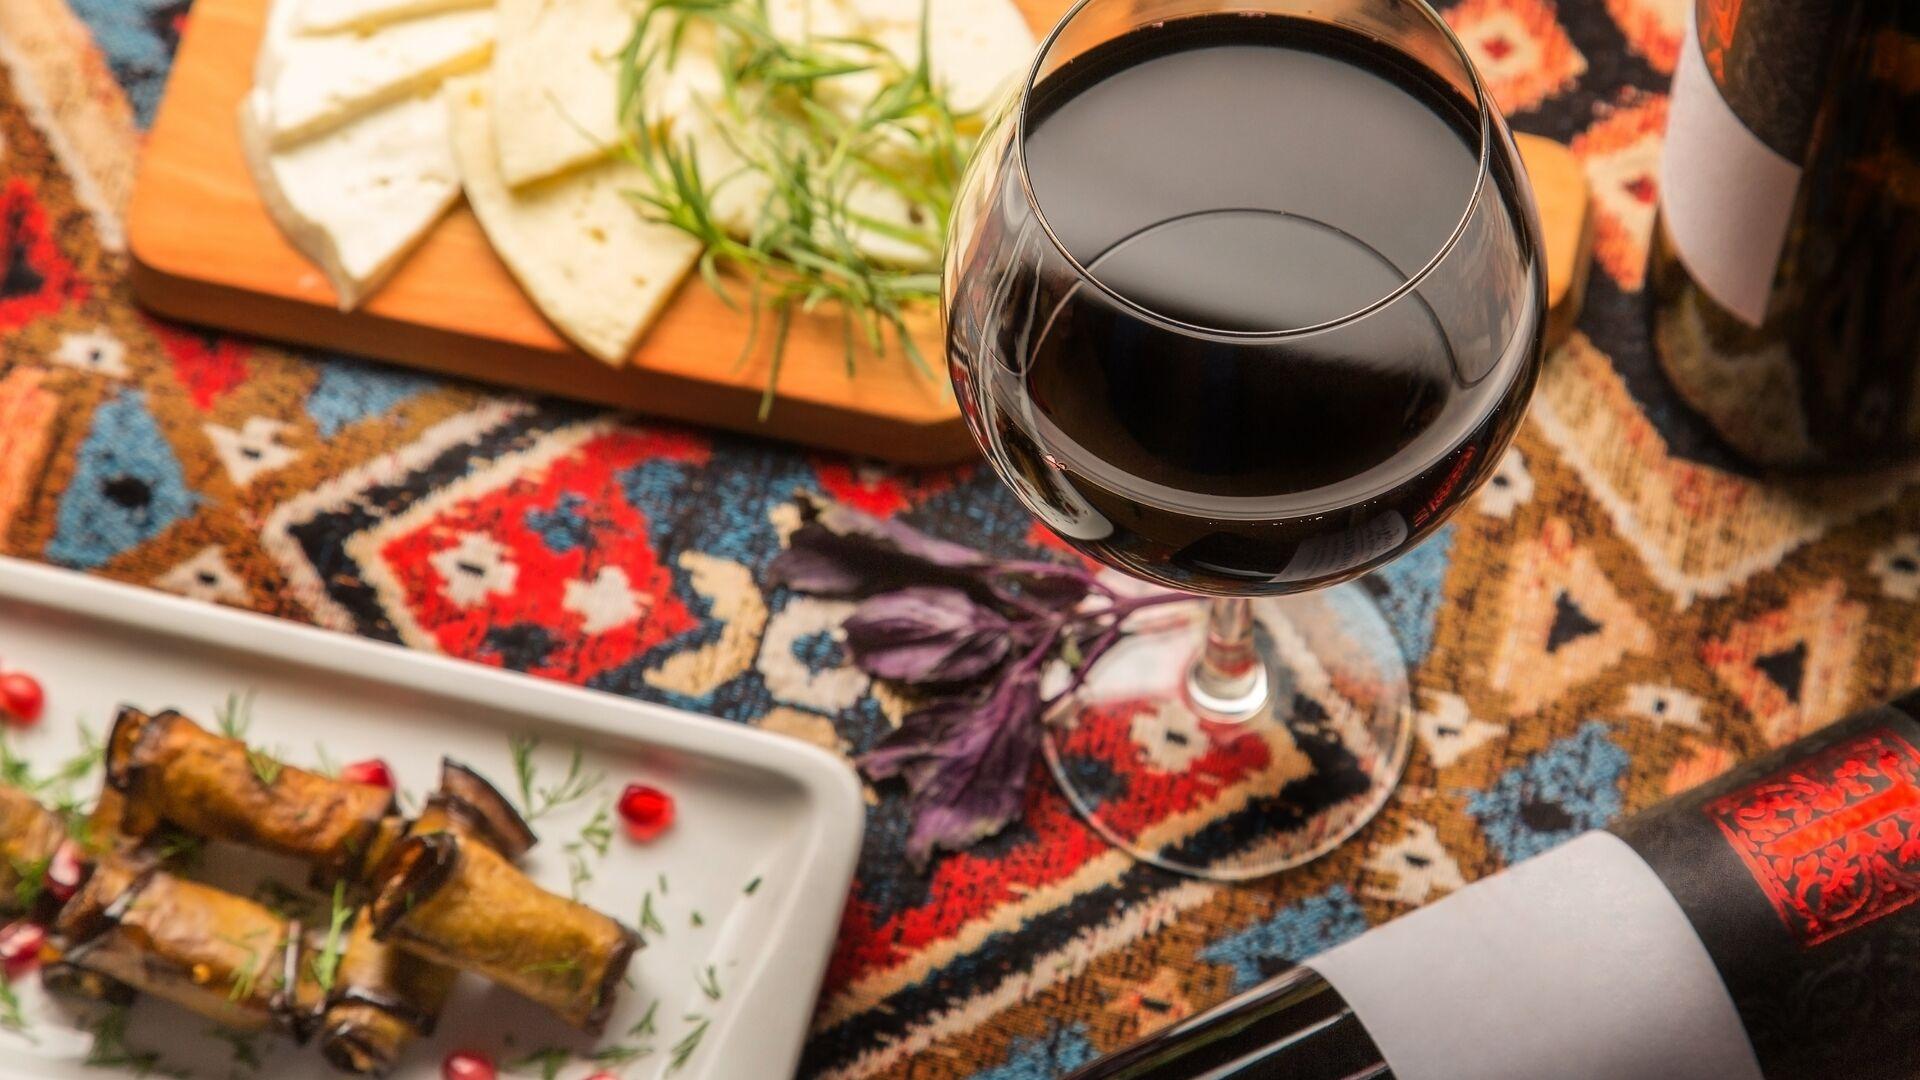 Бокал красного вина в грузинском ресторане  - РИА Новости, 1920, 15.12.2020